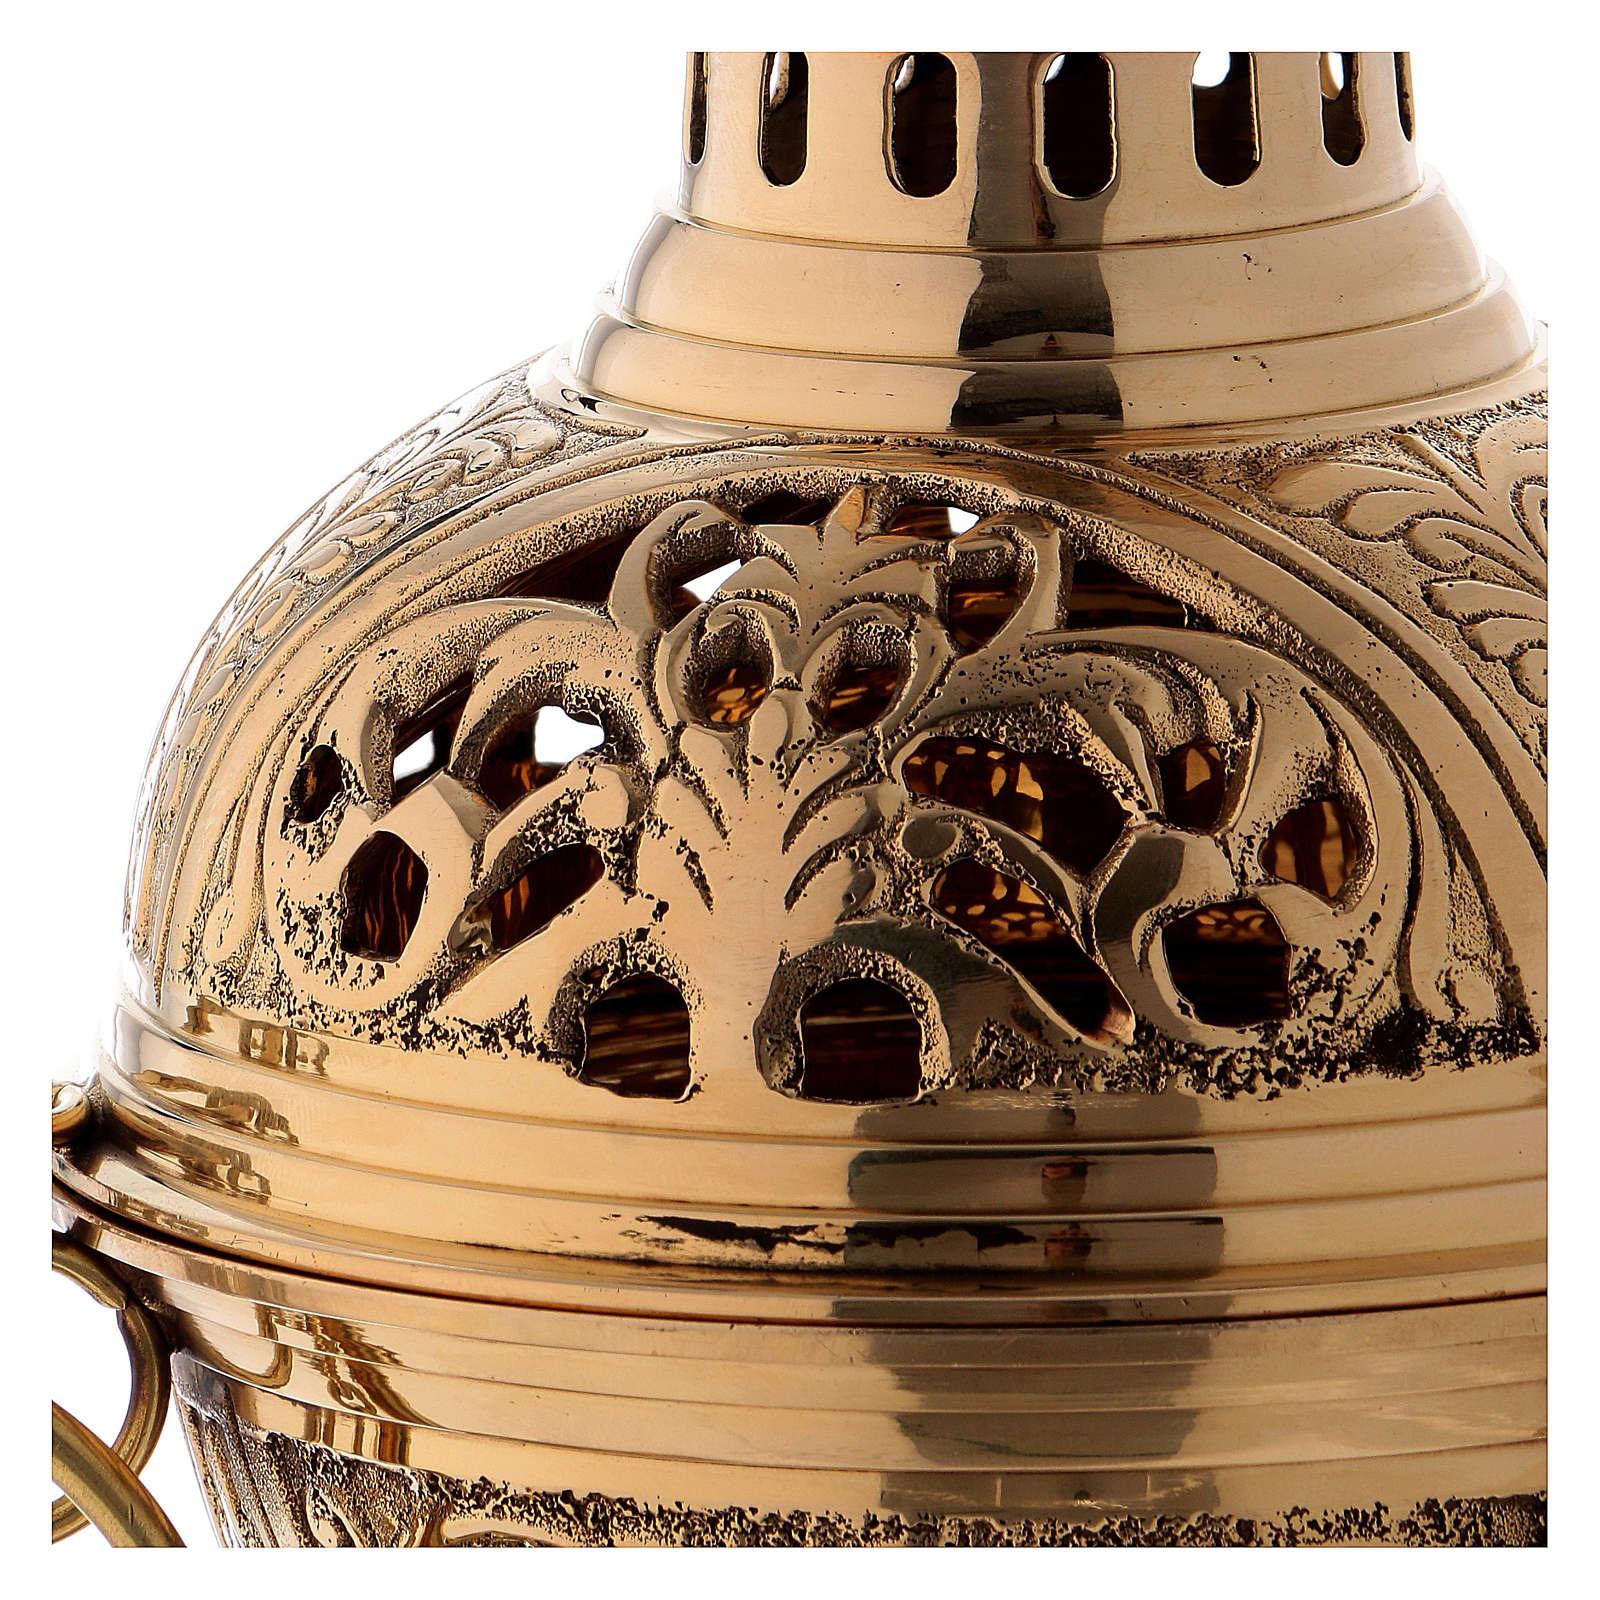 Turibolo ottone dorato h 28 cm 3